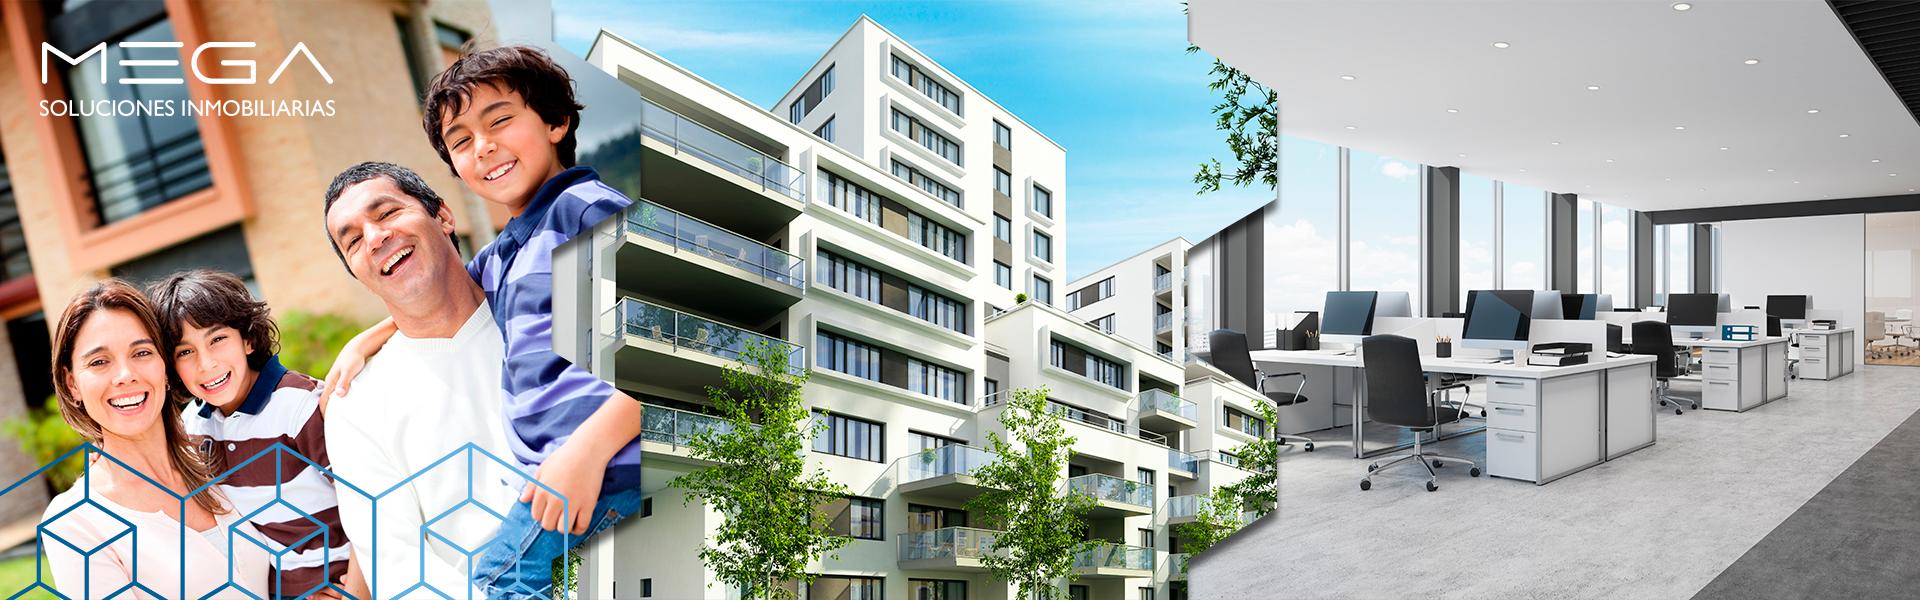 Mega Soluciones Inmobiliarias